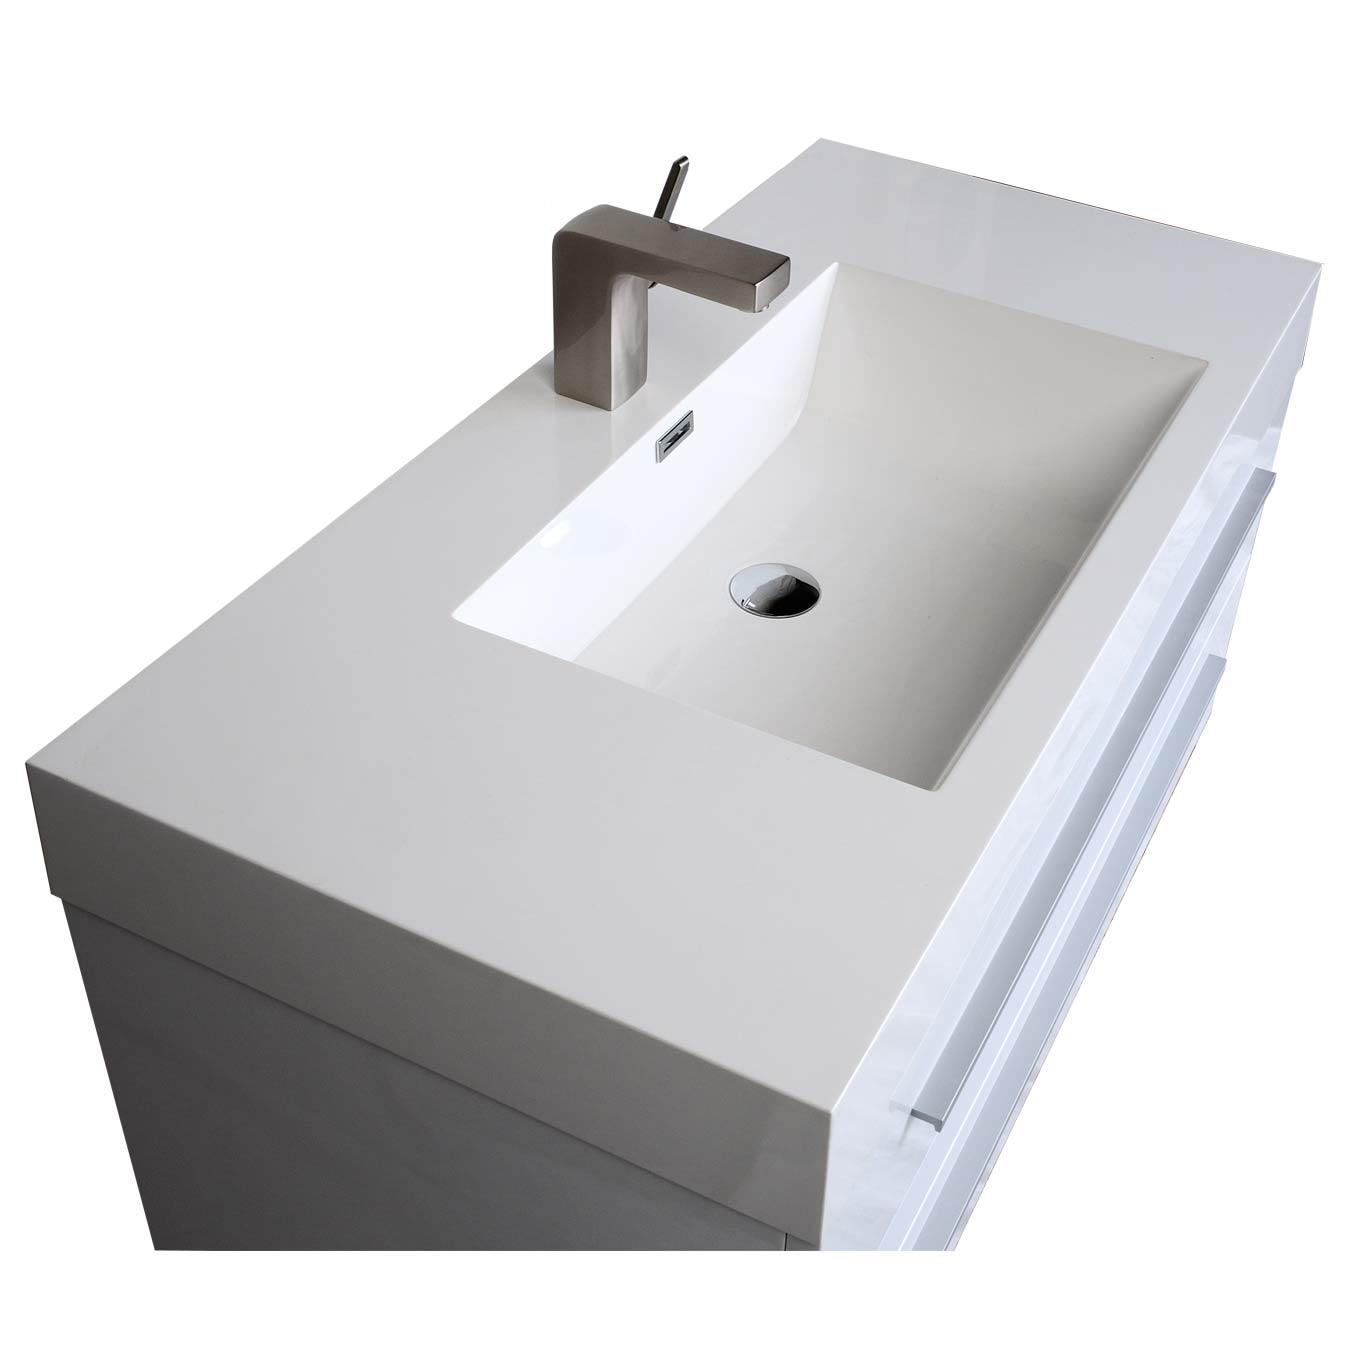 Buy 3925 In WallMount Contemporary Bathroom Vanity High